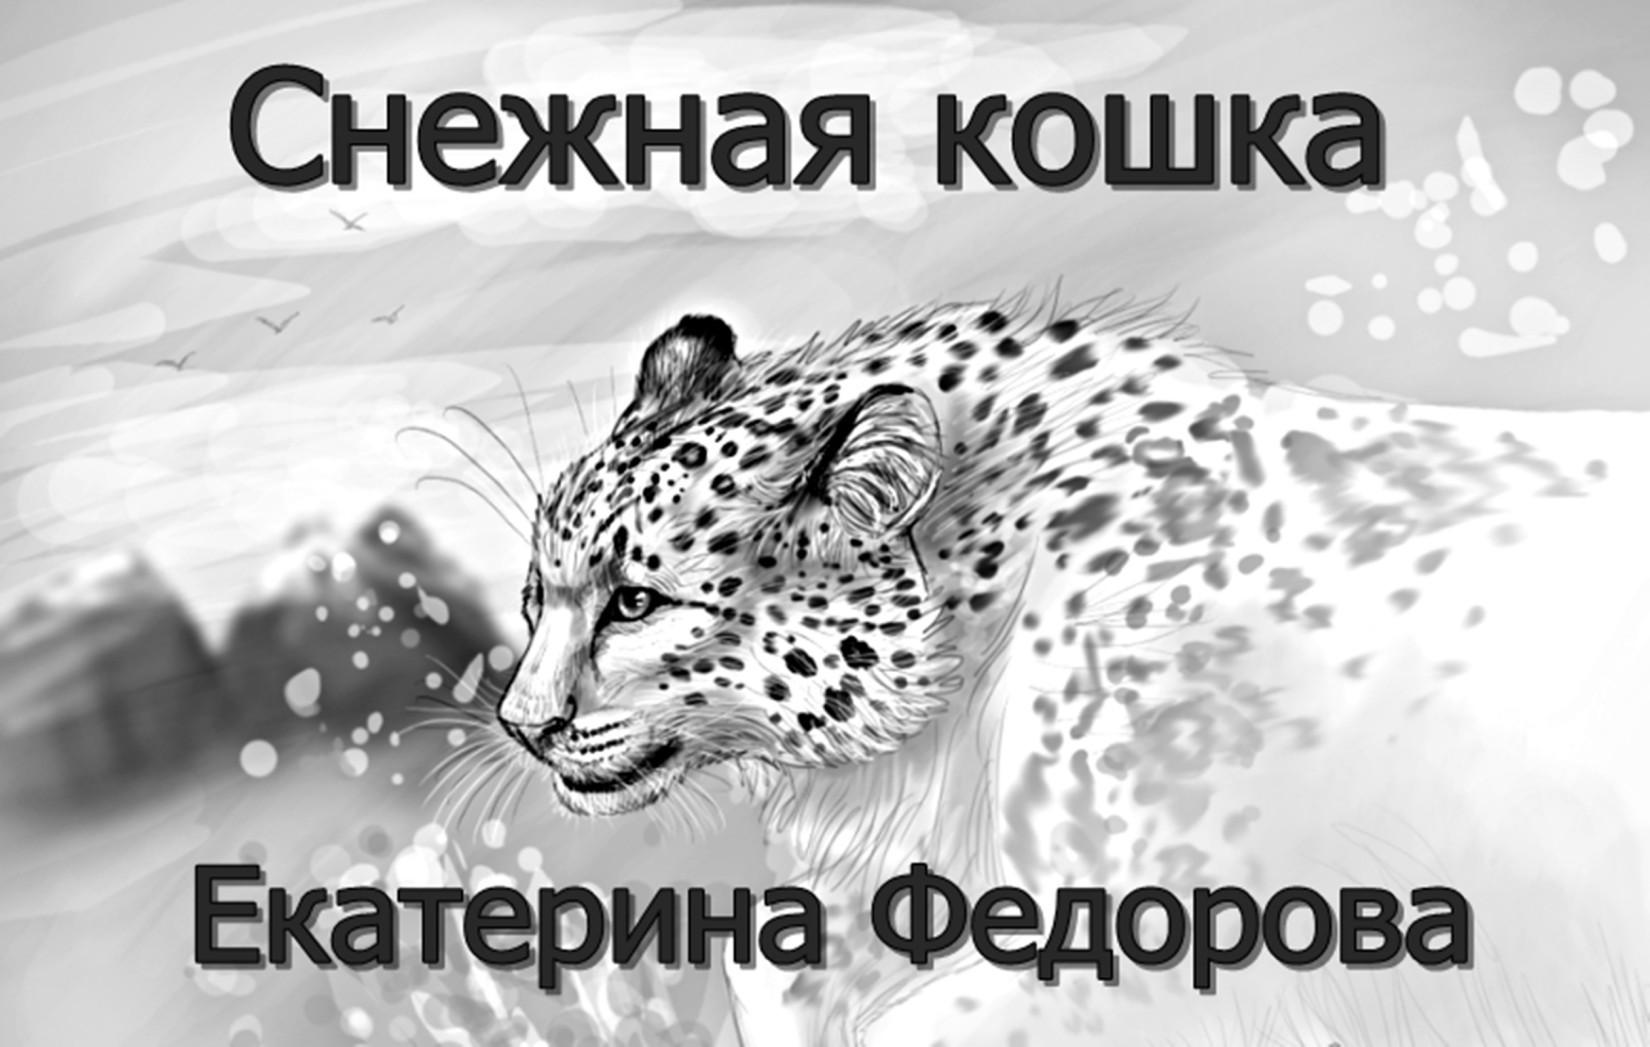 Екатерина Федорова - Снежная кошка